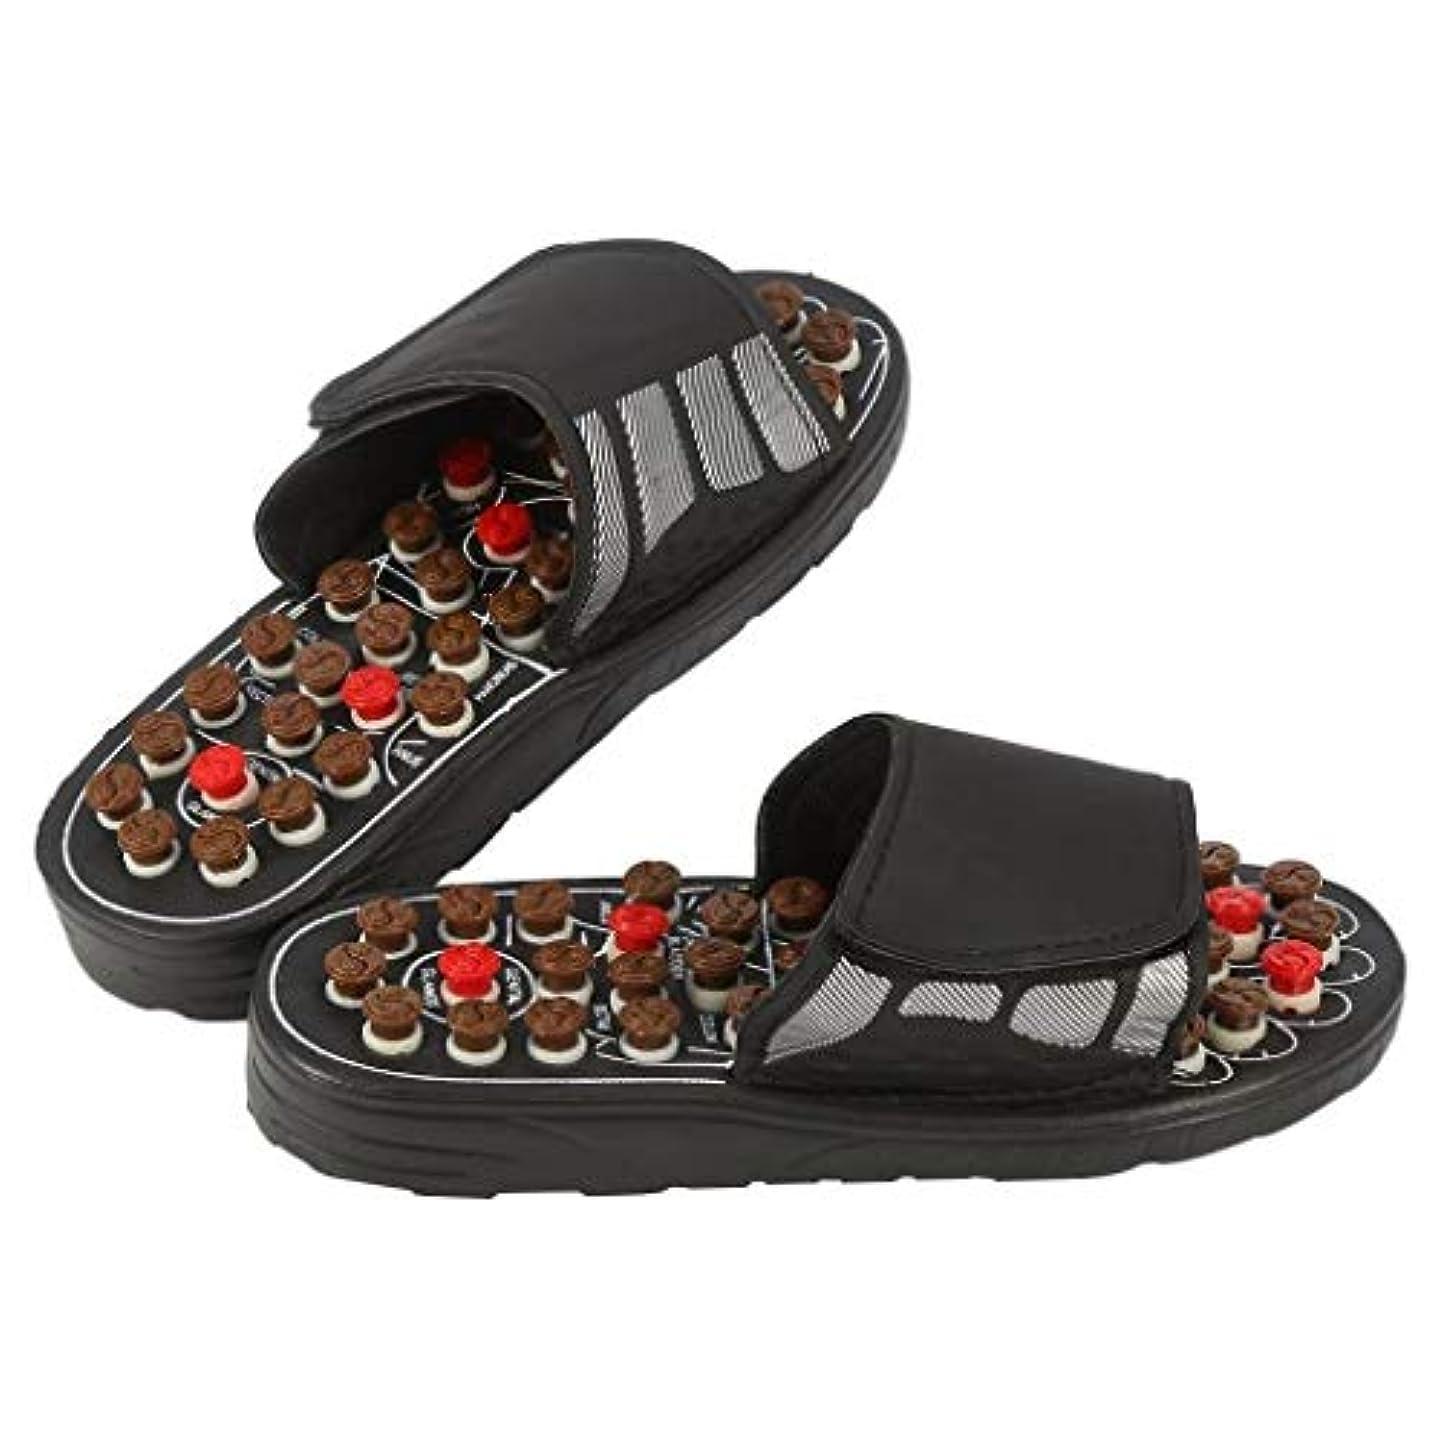 スキッパー松女将磁気マッサージインソール、指圧靴マッサージ効果インソール健康足医療援助足リフレクソロジーは、血液循環疲労を促進します (Color : 黒, Size : 40-41)